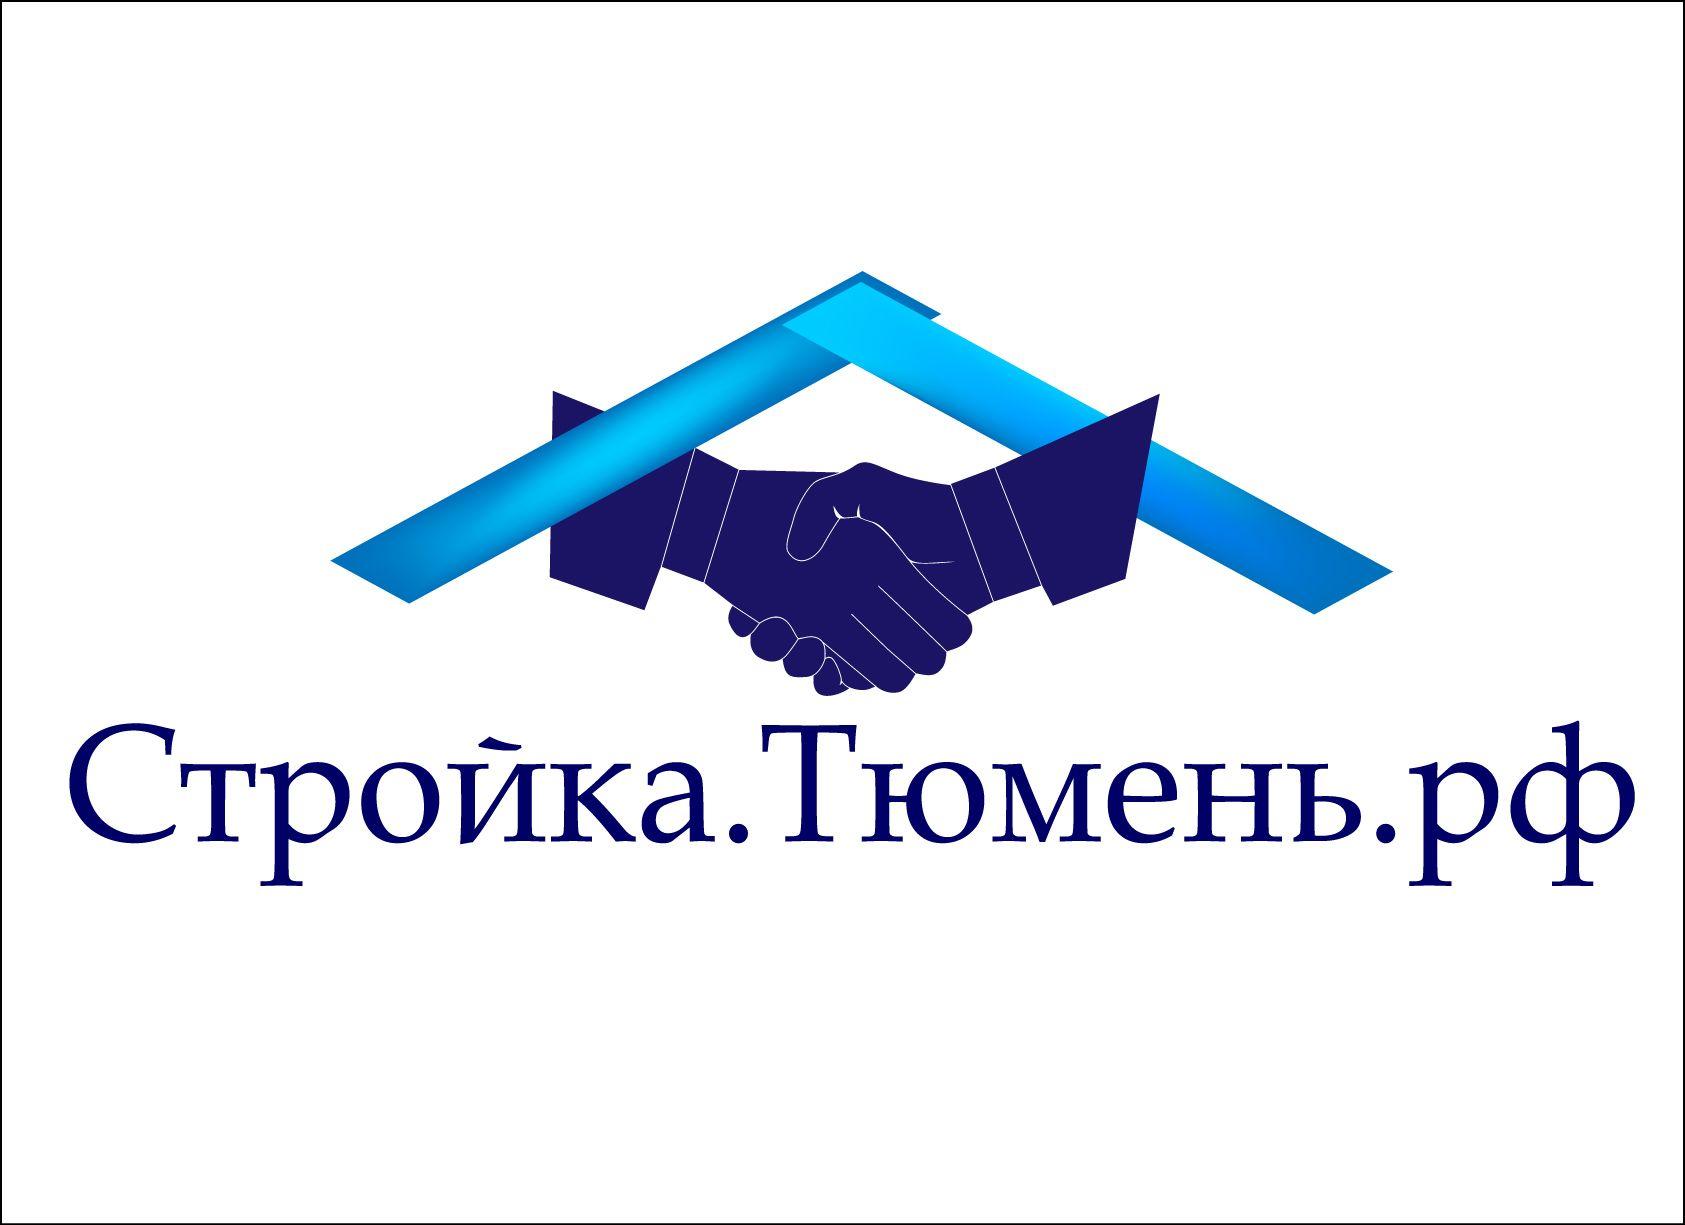 Логотип для строительного портала - дизайнер Valentin1982